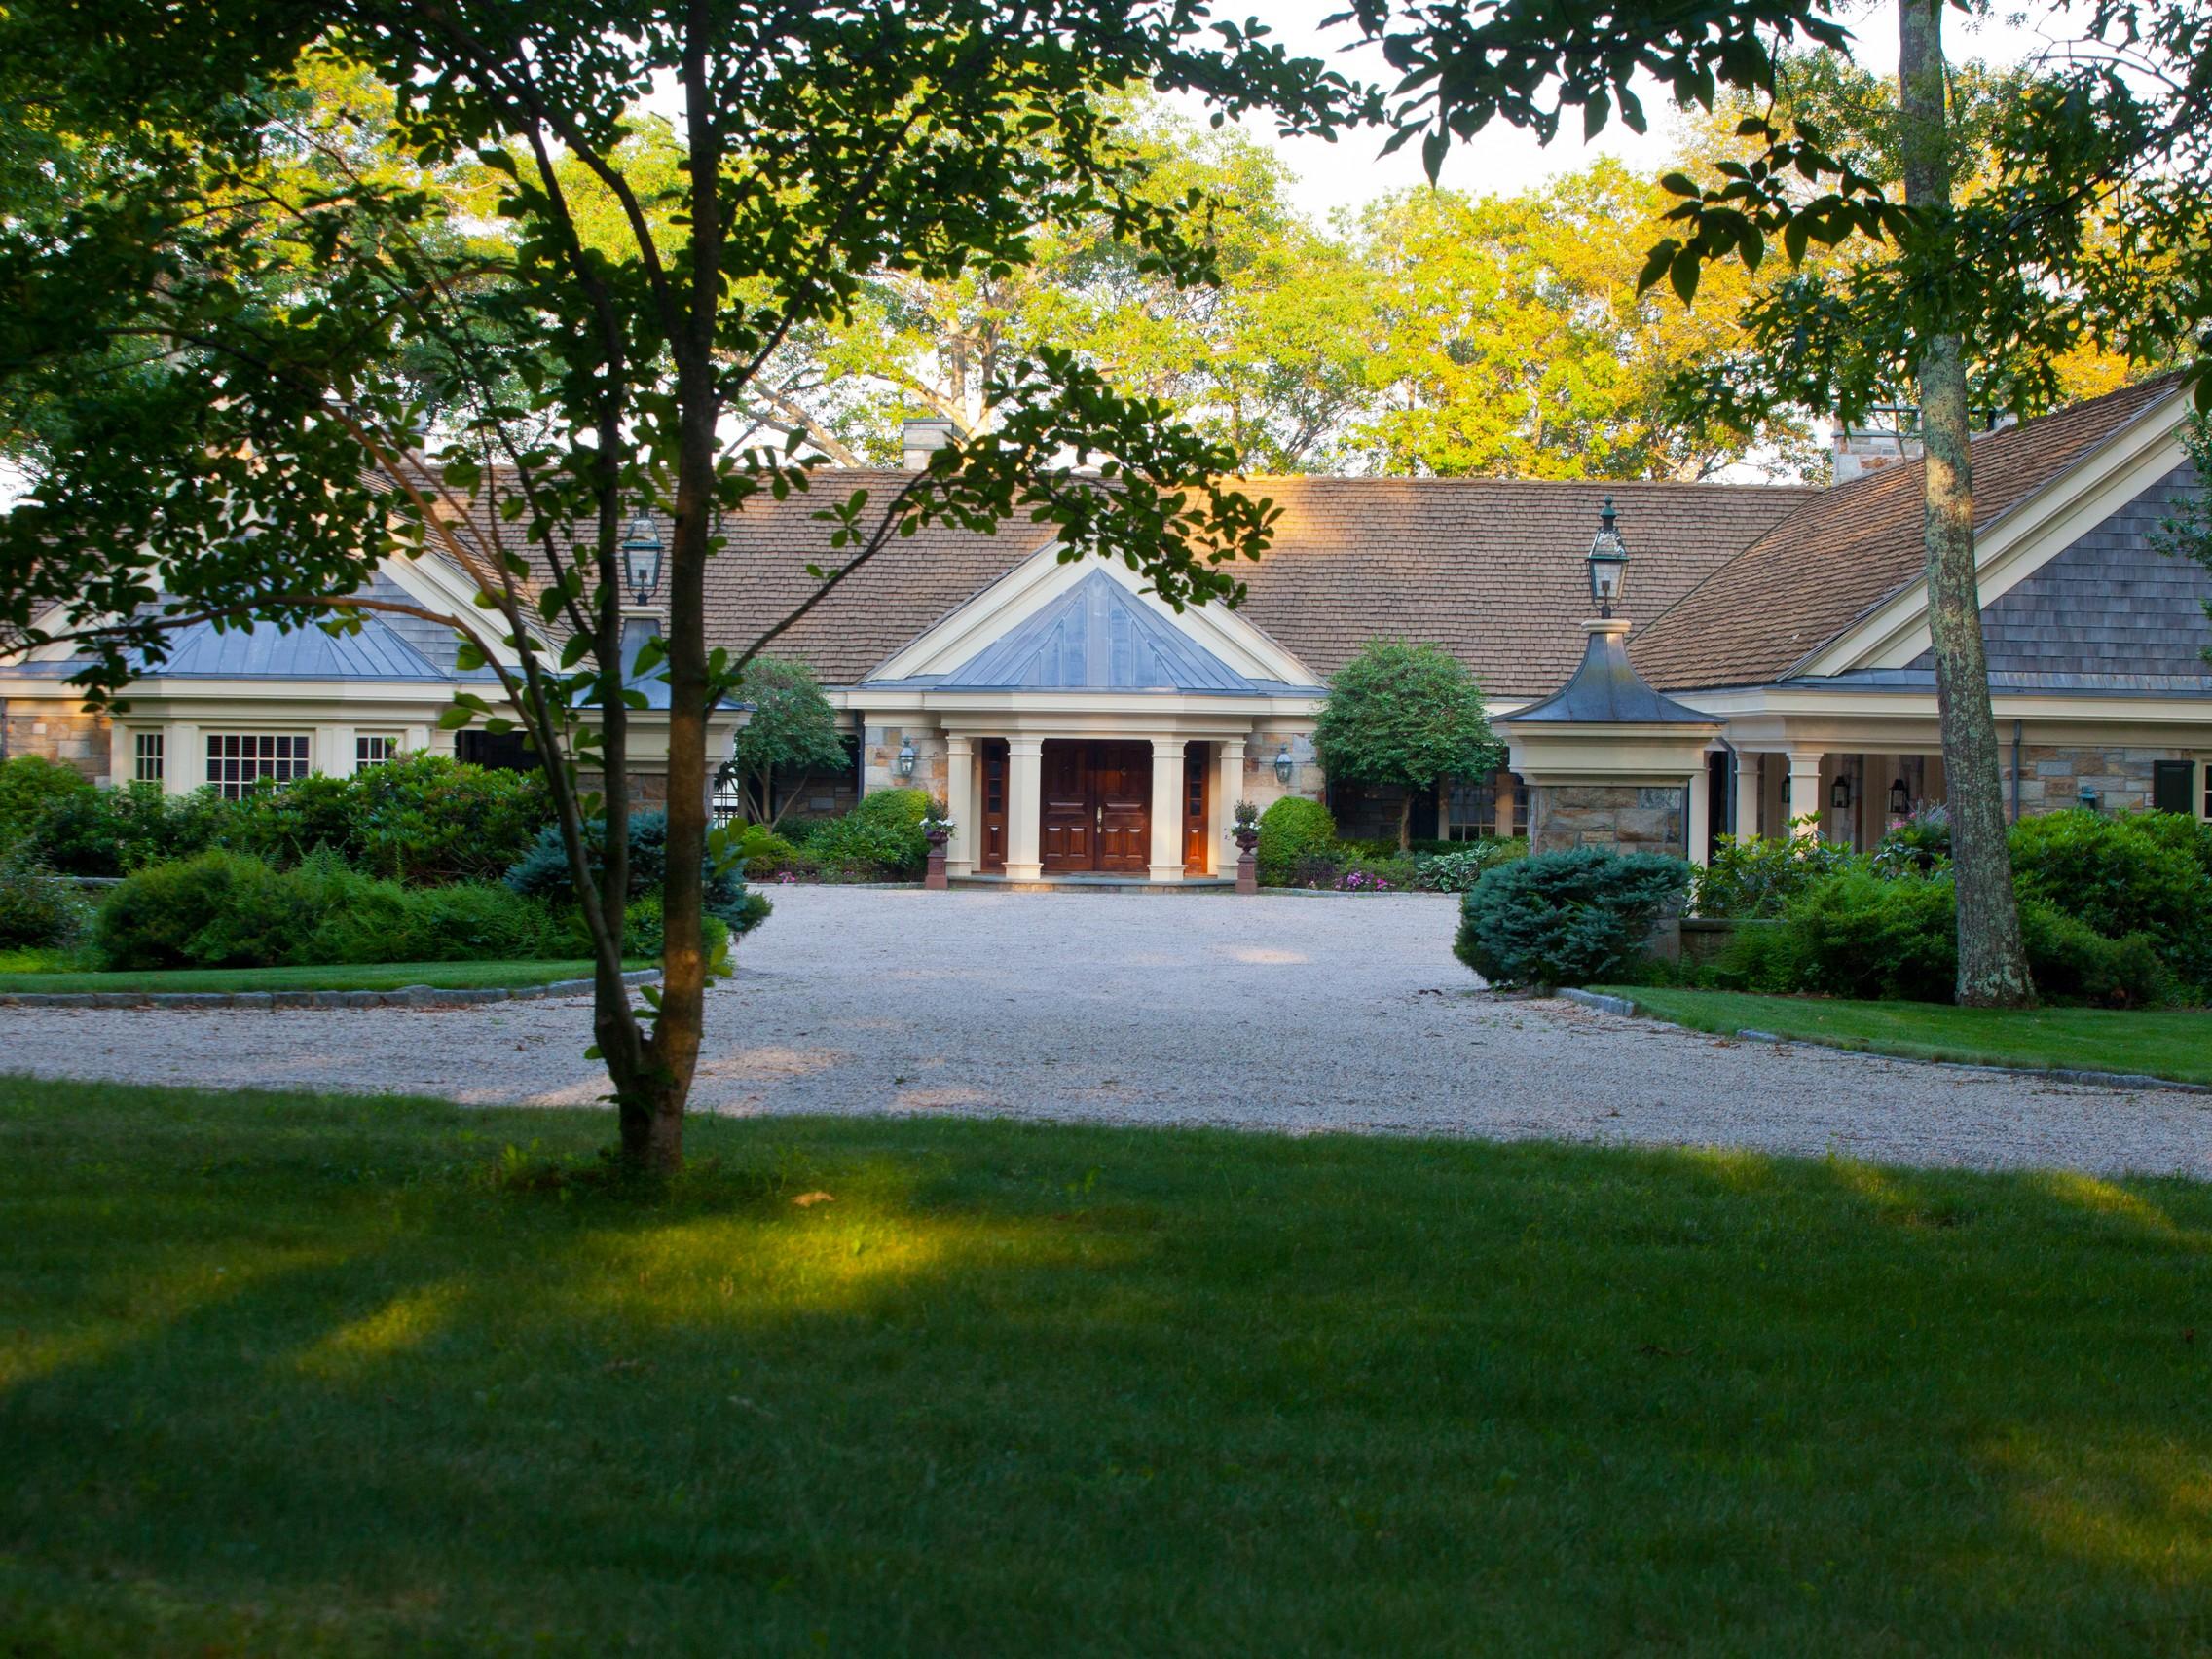 Casa Unifamiliar por un Venta en The View That Built the House 33 Ore Hill Road Kent, Connecticut 06757 Estados Unidos